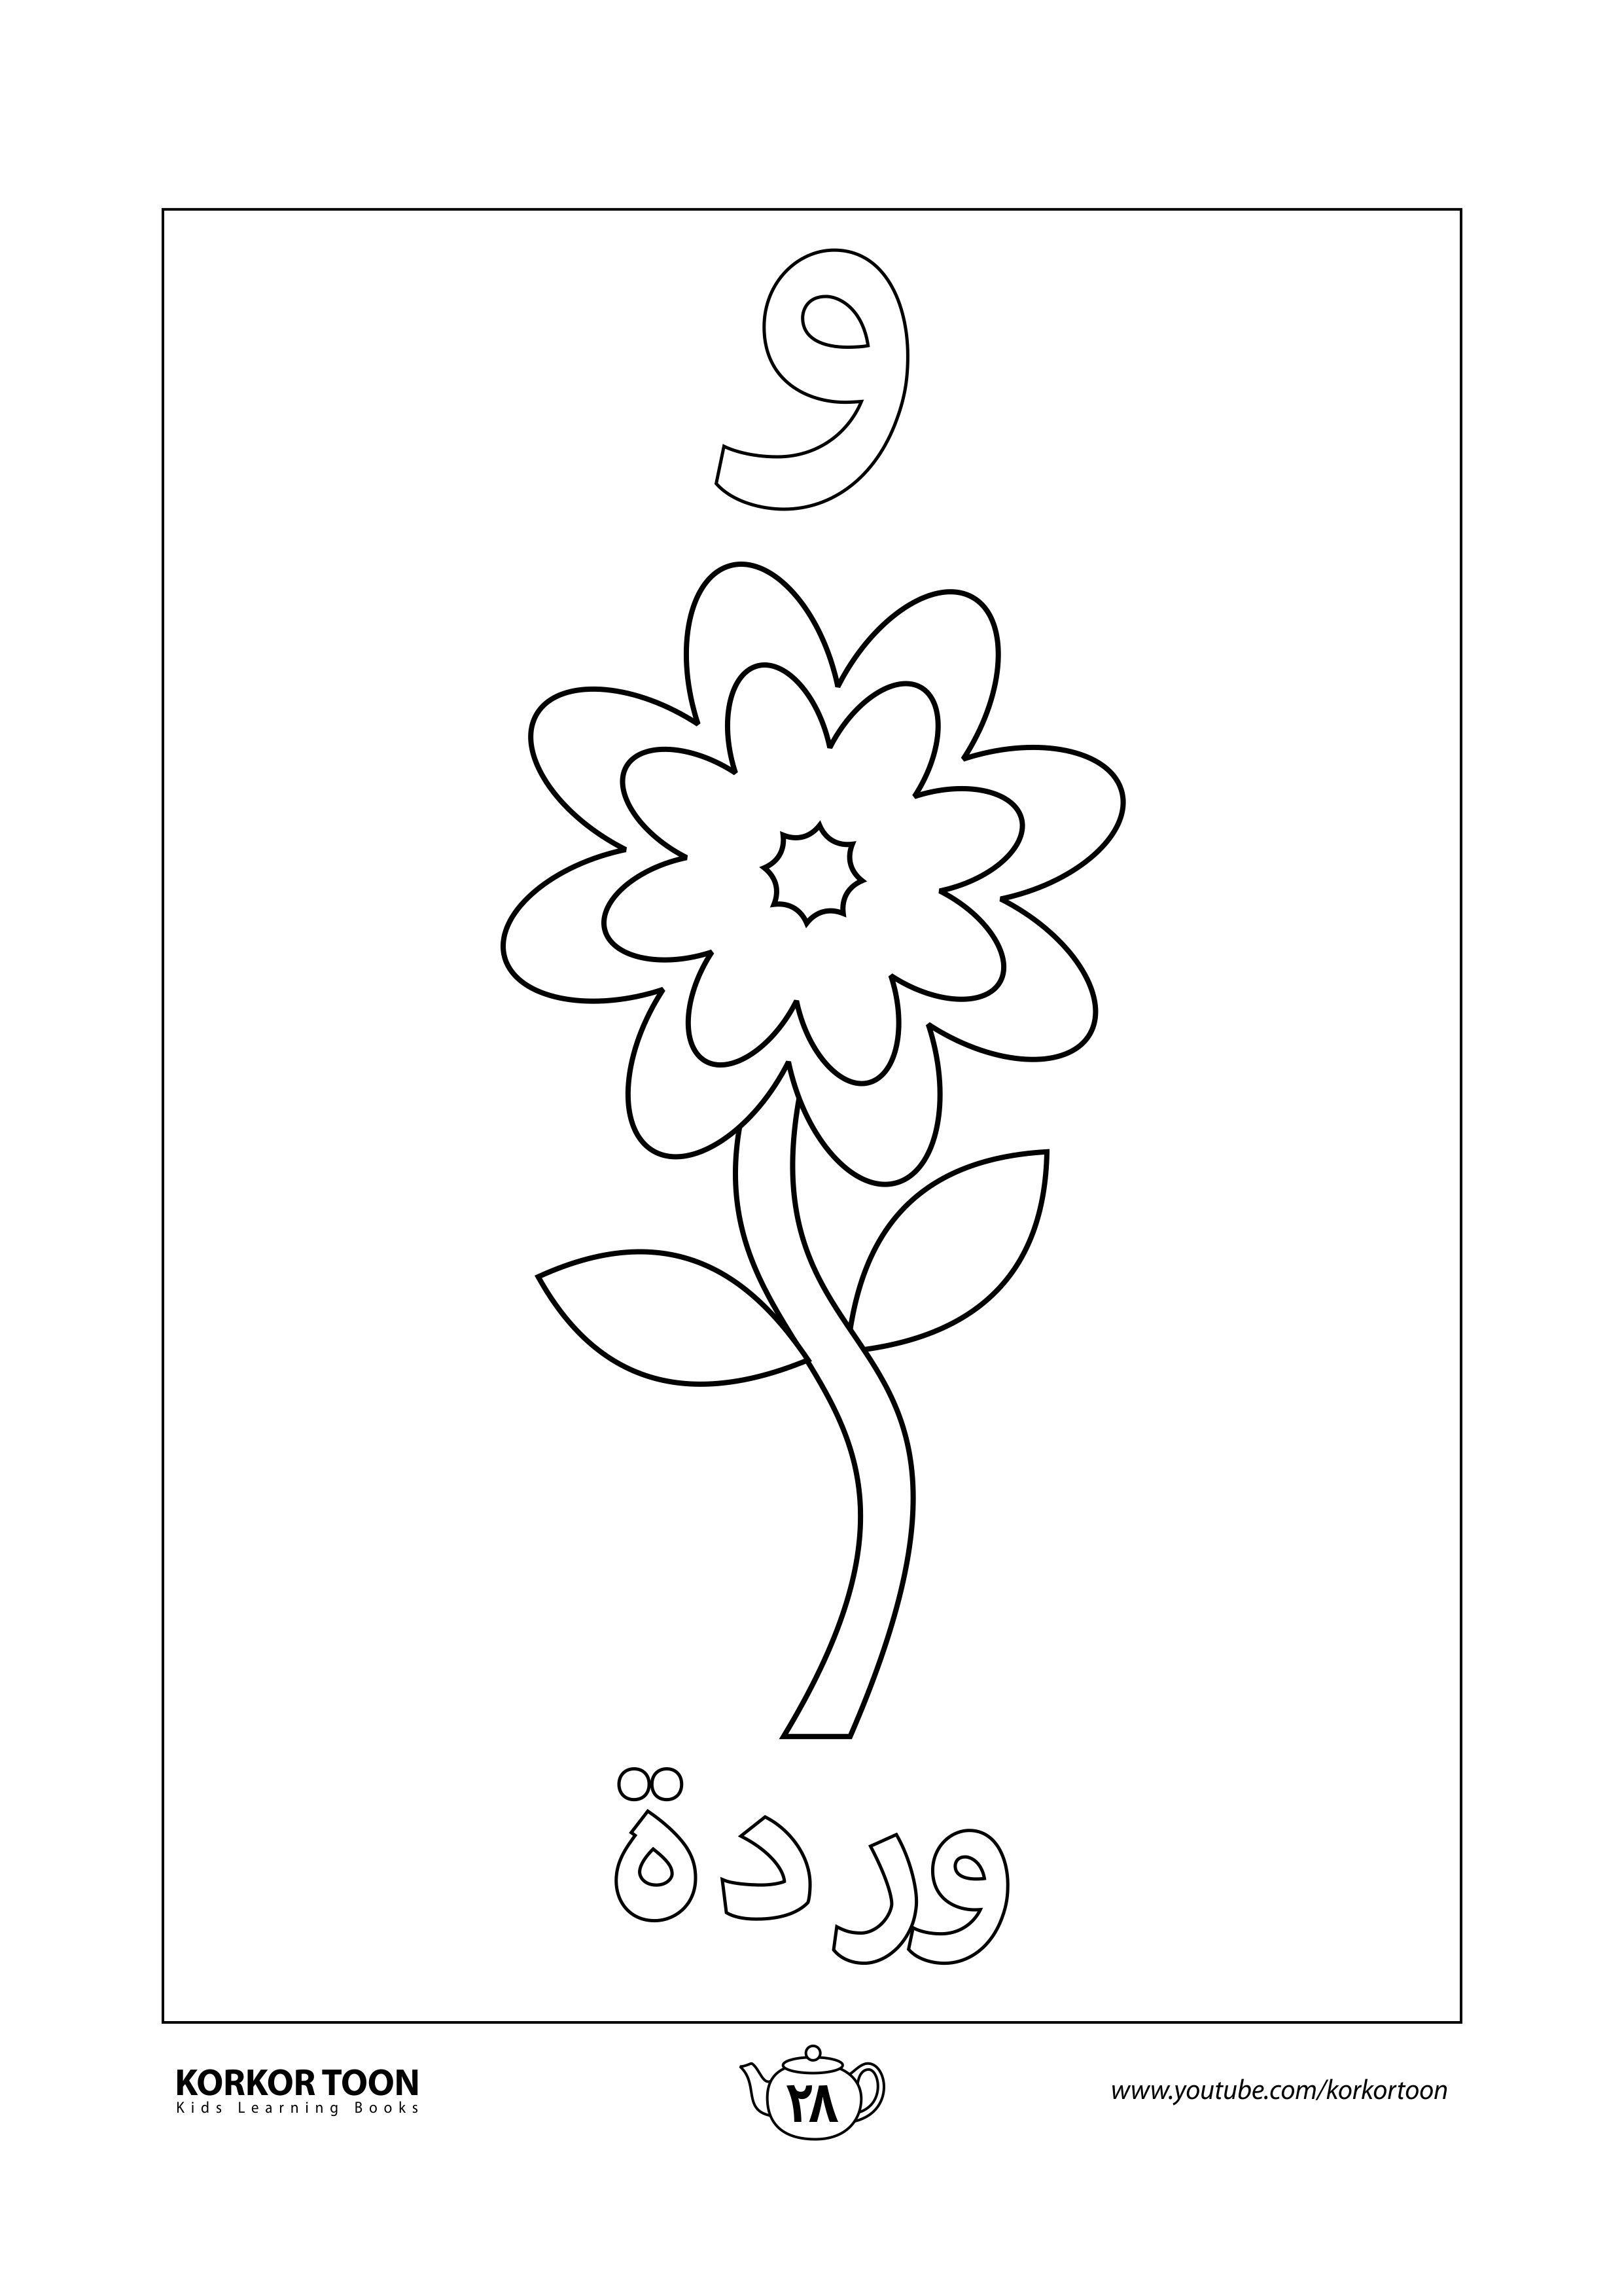 صفحة تلوين حرف الواو كتاب تلوين الحروف العربية للأطفال Lotus Flower Tattoo Flower Tattoo Learning Arabic